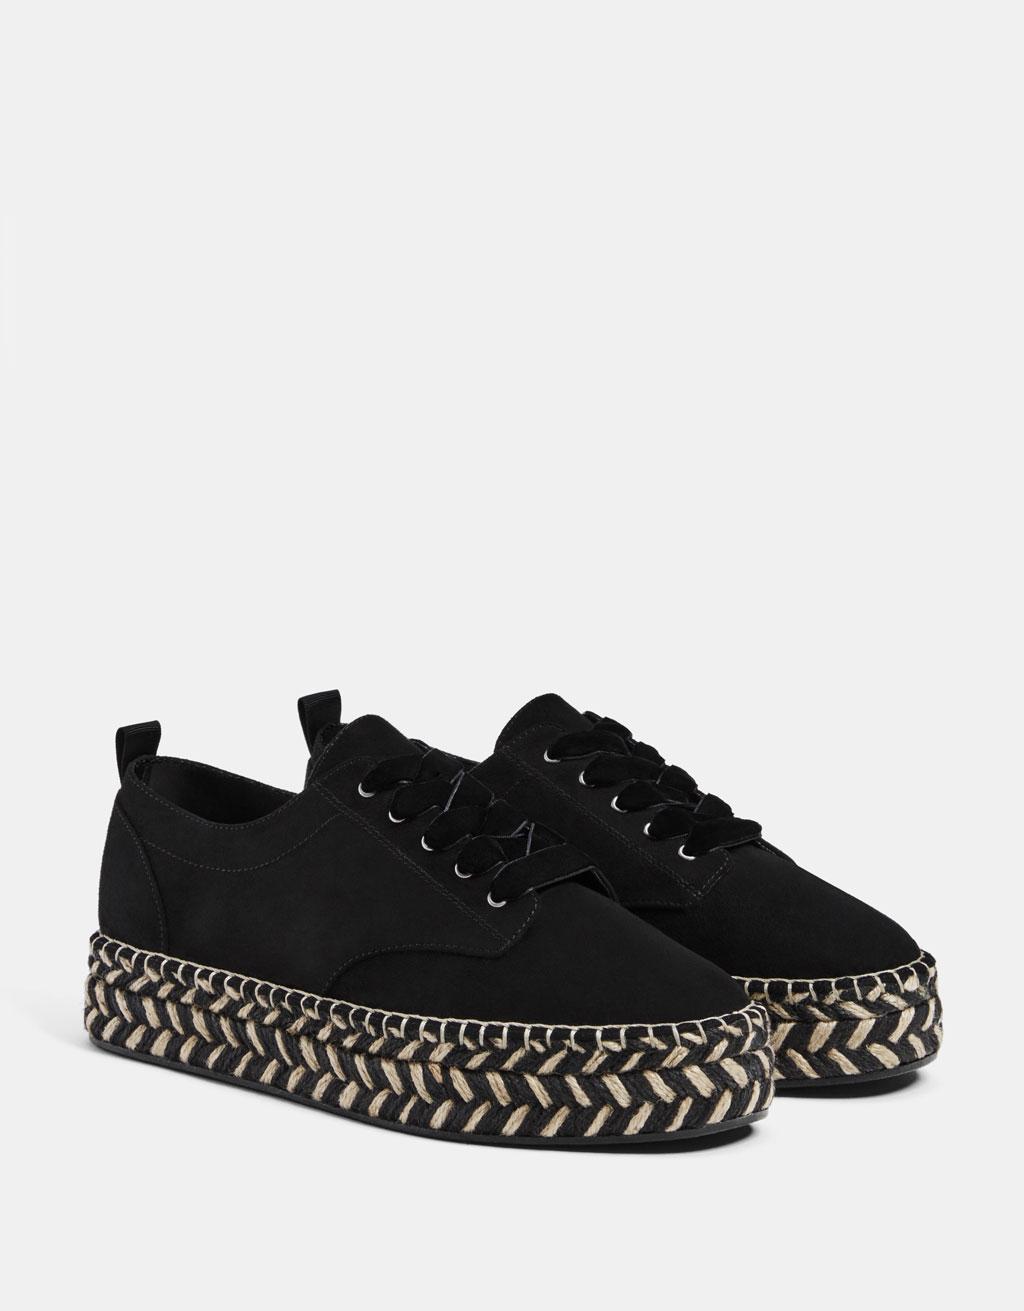 Sneakers with jute platform